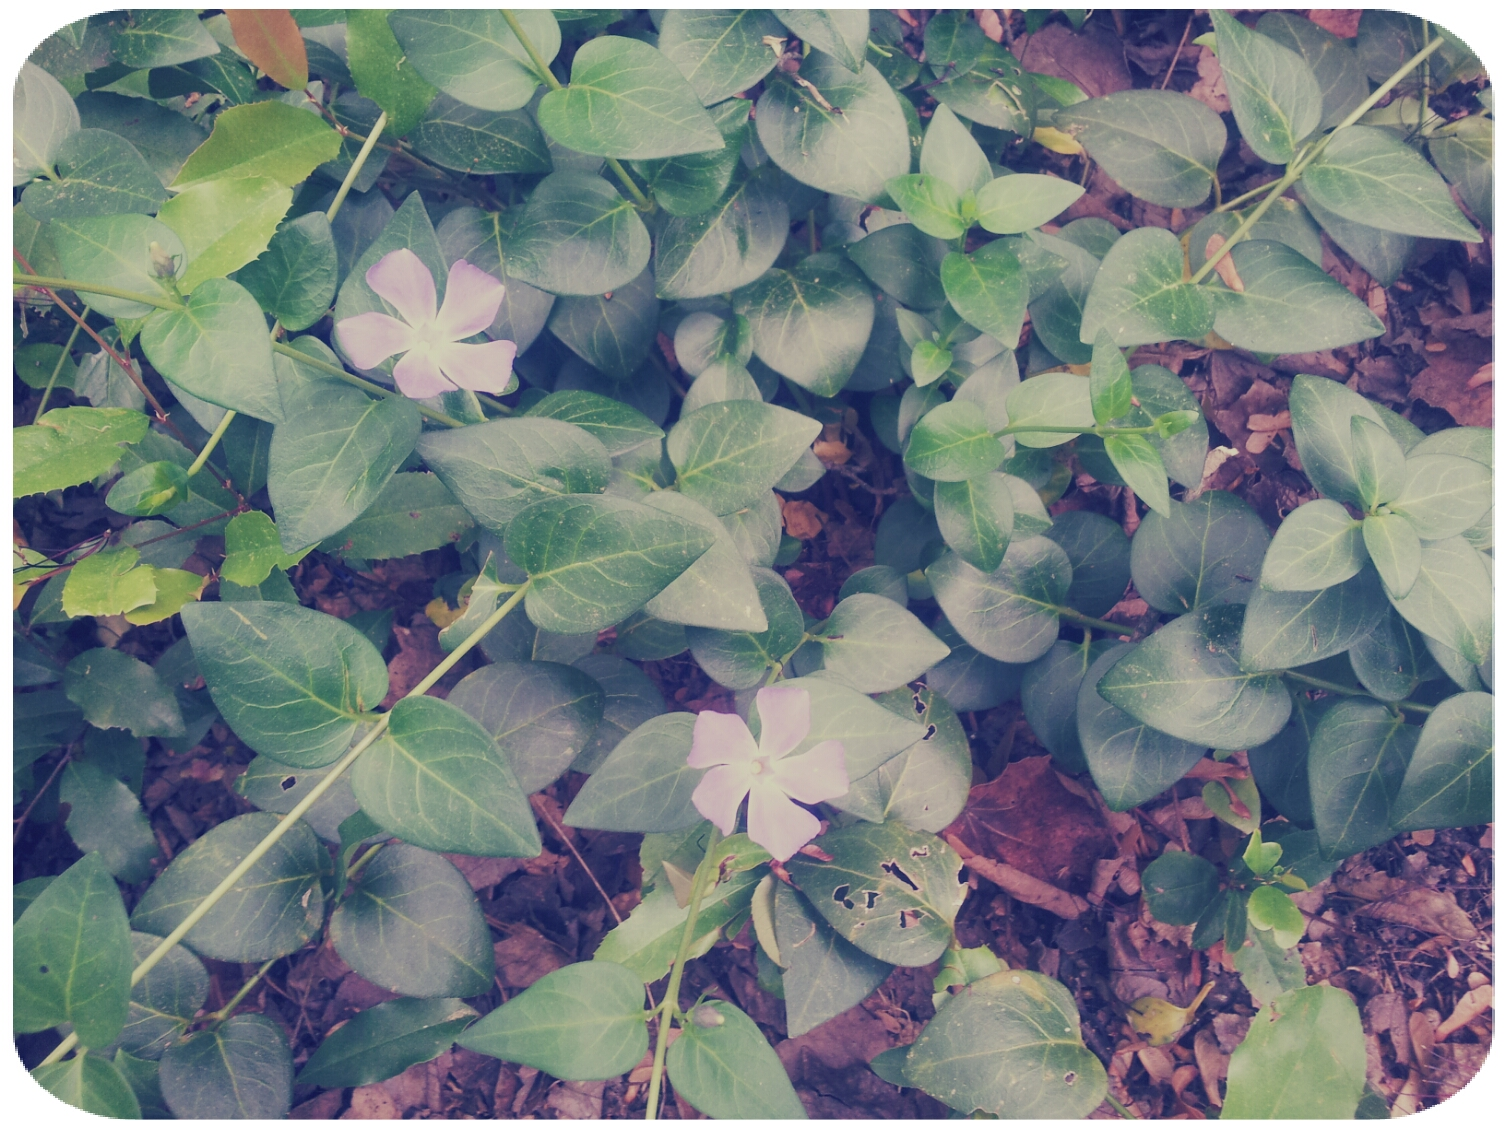 2012-03-30 13.54.15_Salomon_Round.jpg